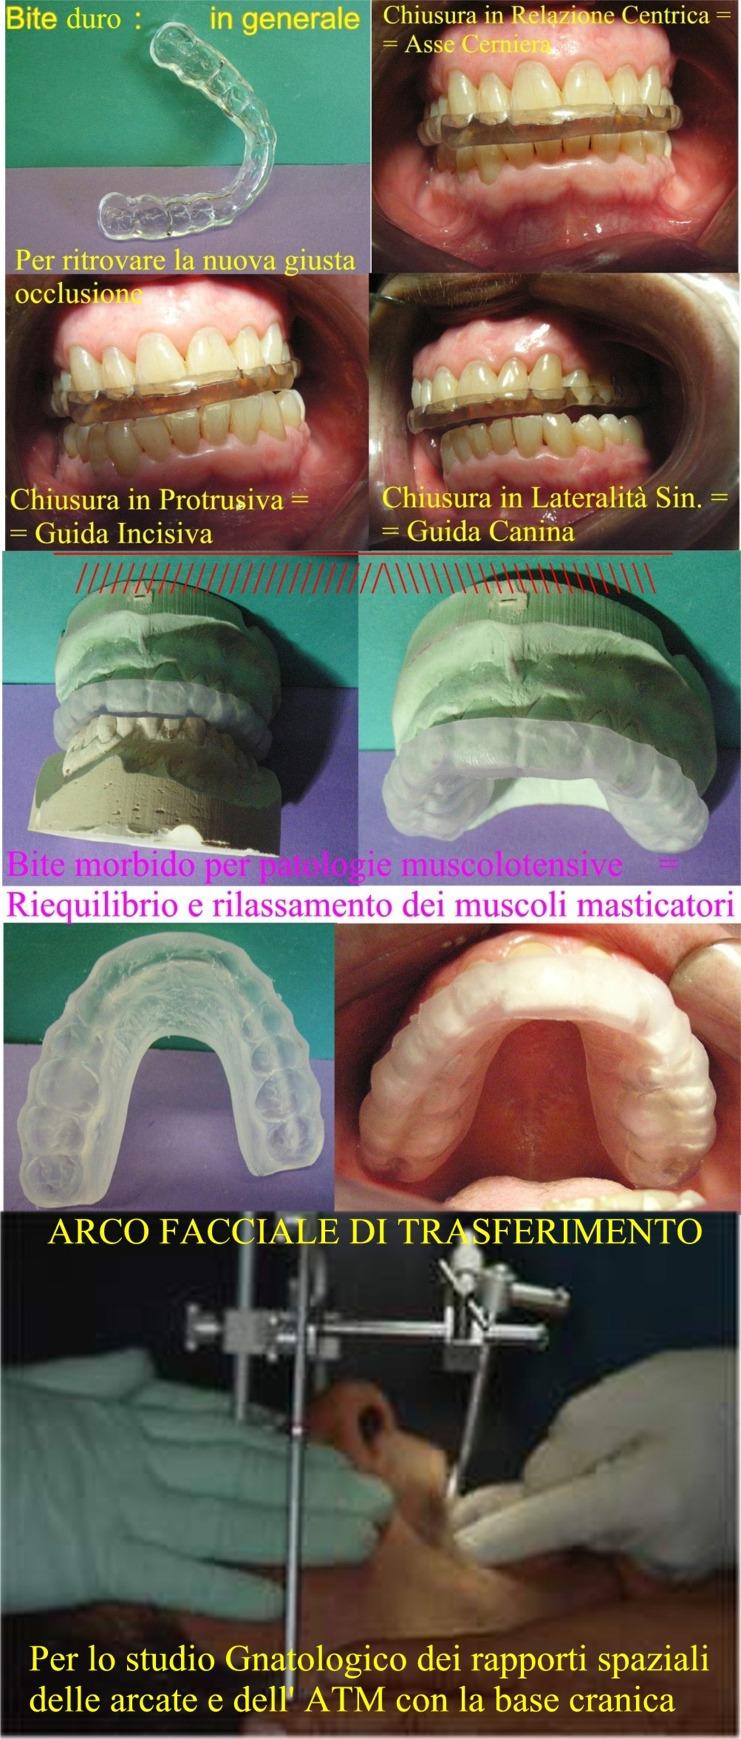 Diversi tipi di Bite e Arco Facciale Di Trasferimento. Da casistica Gnatologica del Dr.ò Gustavo Petti di Cagliari